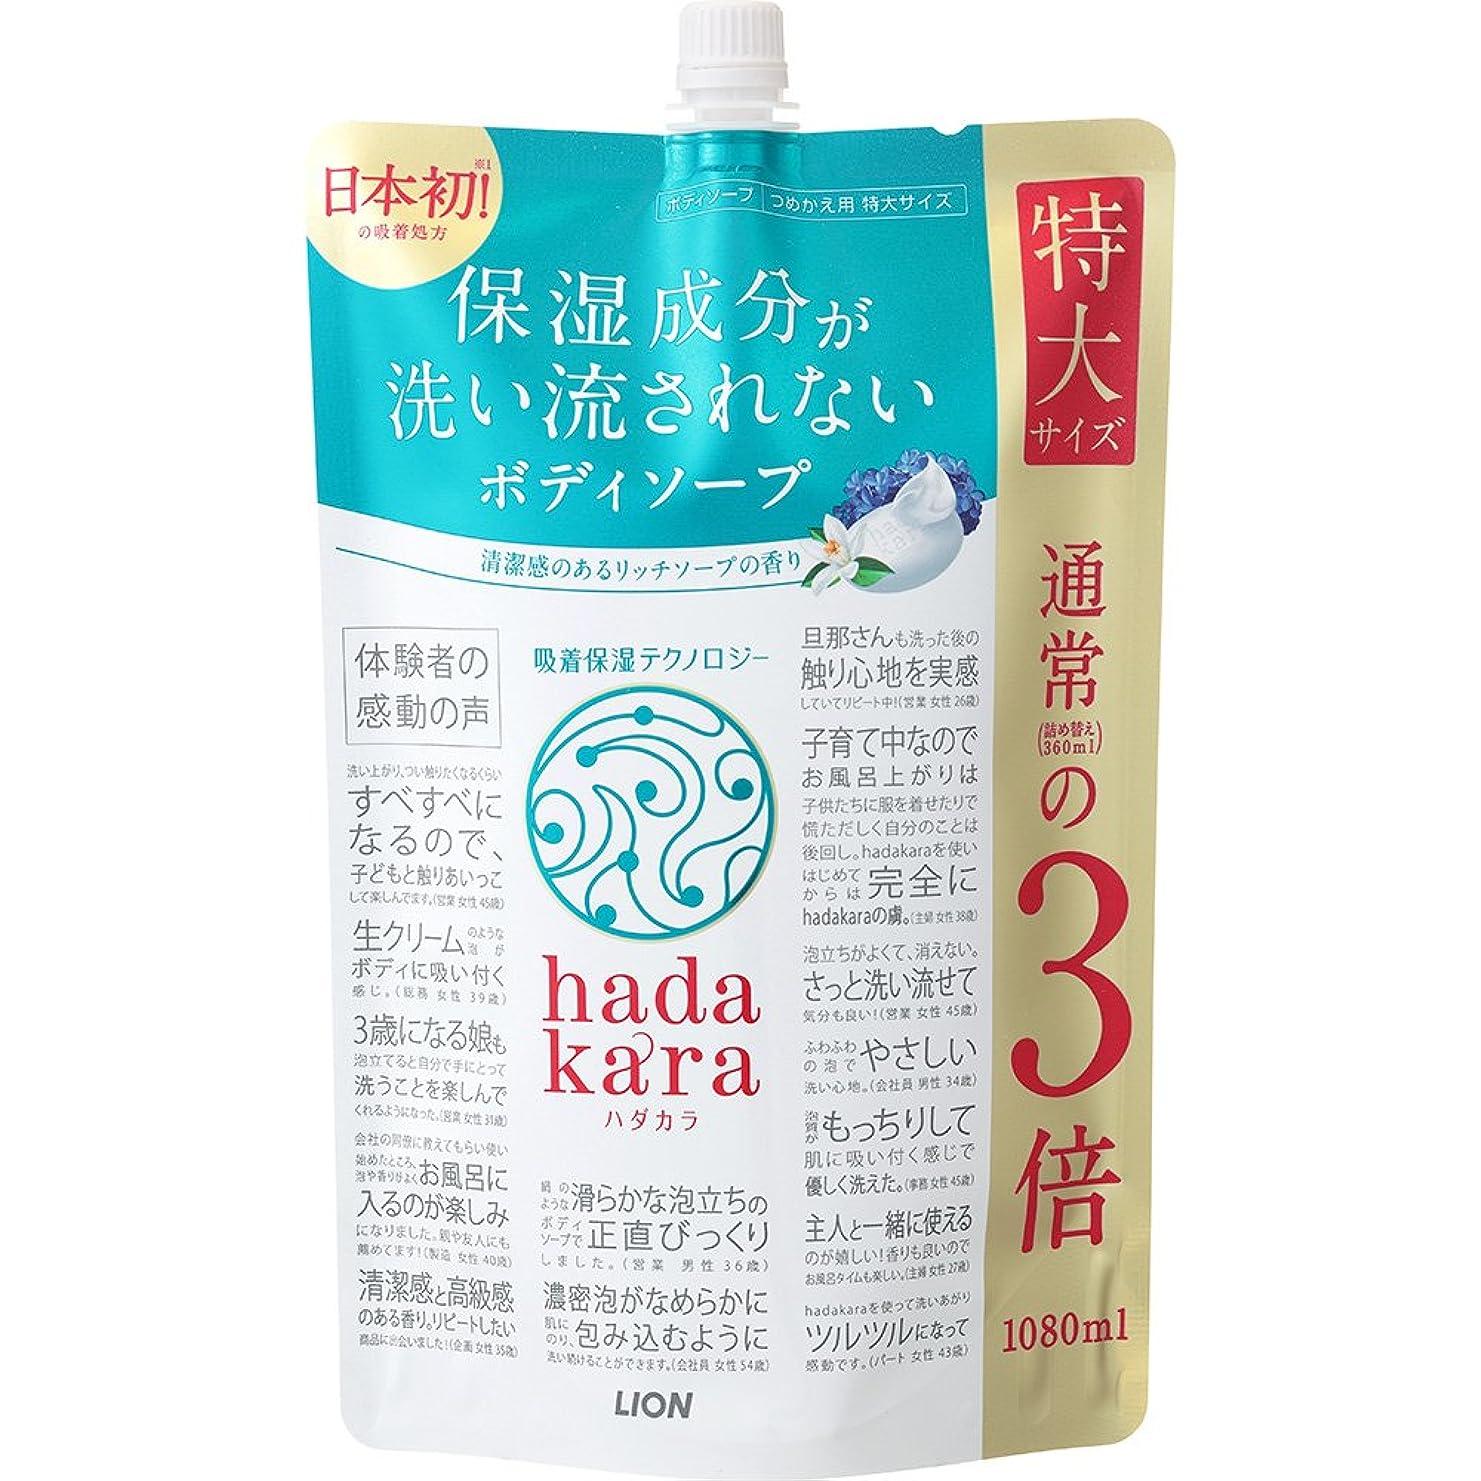 法廷ギャンブル頂点【大容量】hadakara(ハダカラ) ボディソープ リッチソープの香り 詰め替え 特大 1080ml